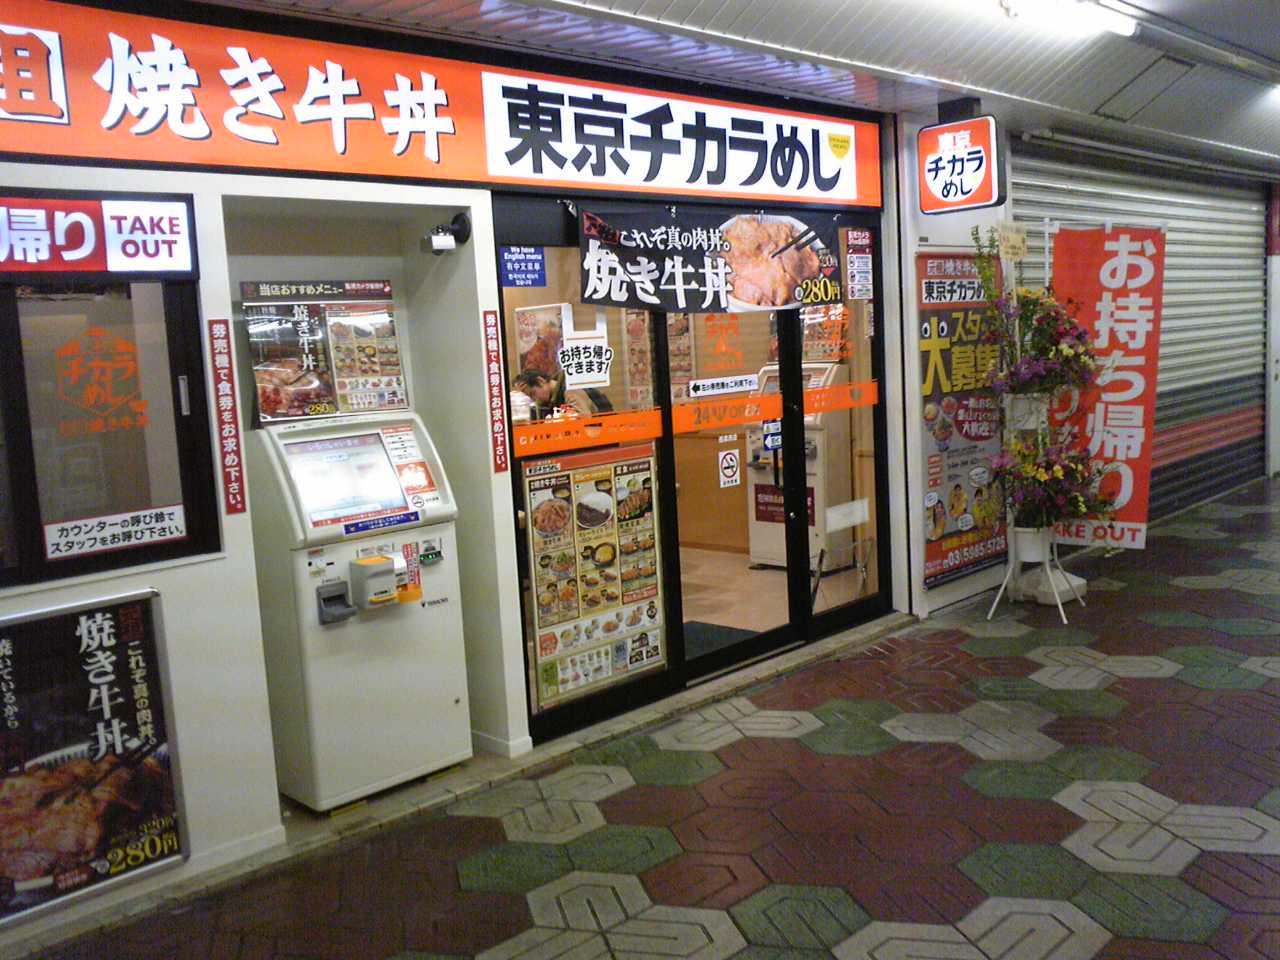 おっ!? 新店舗発見! 「東京チカラめし」